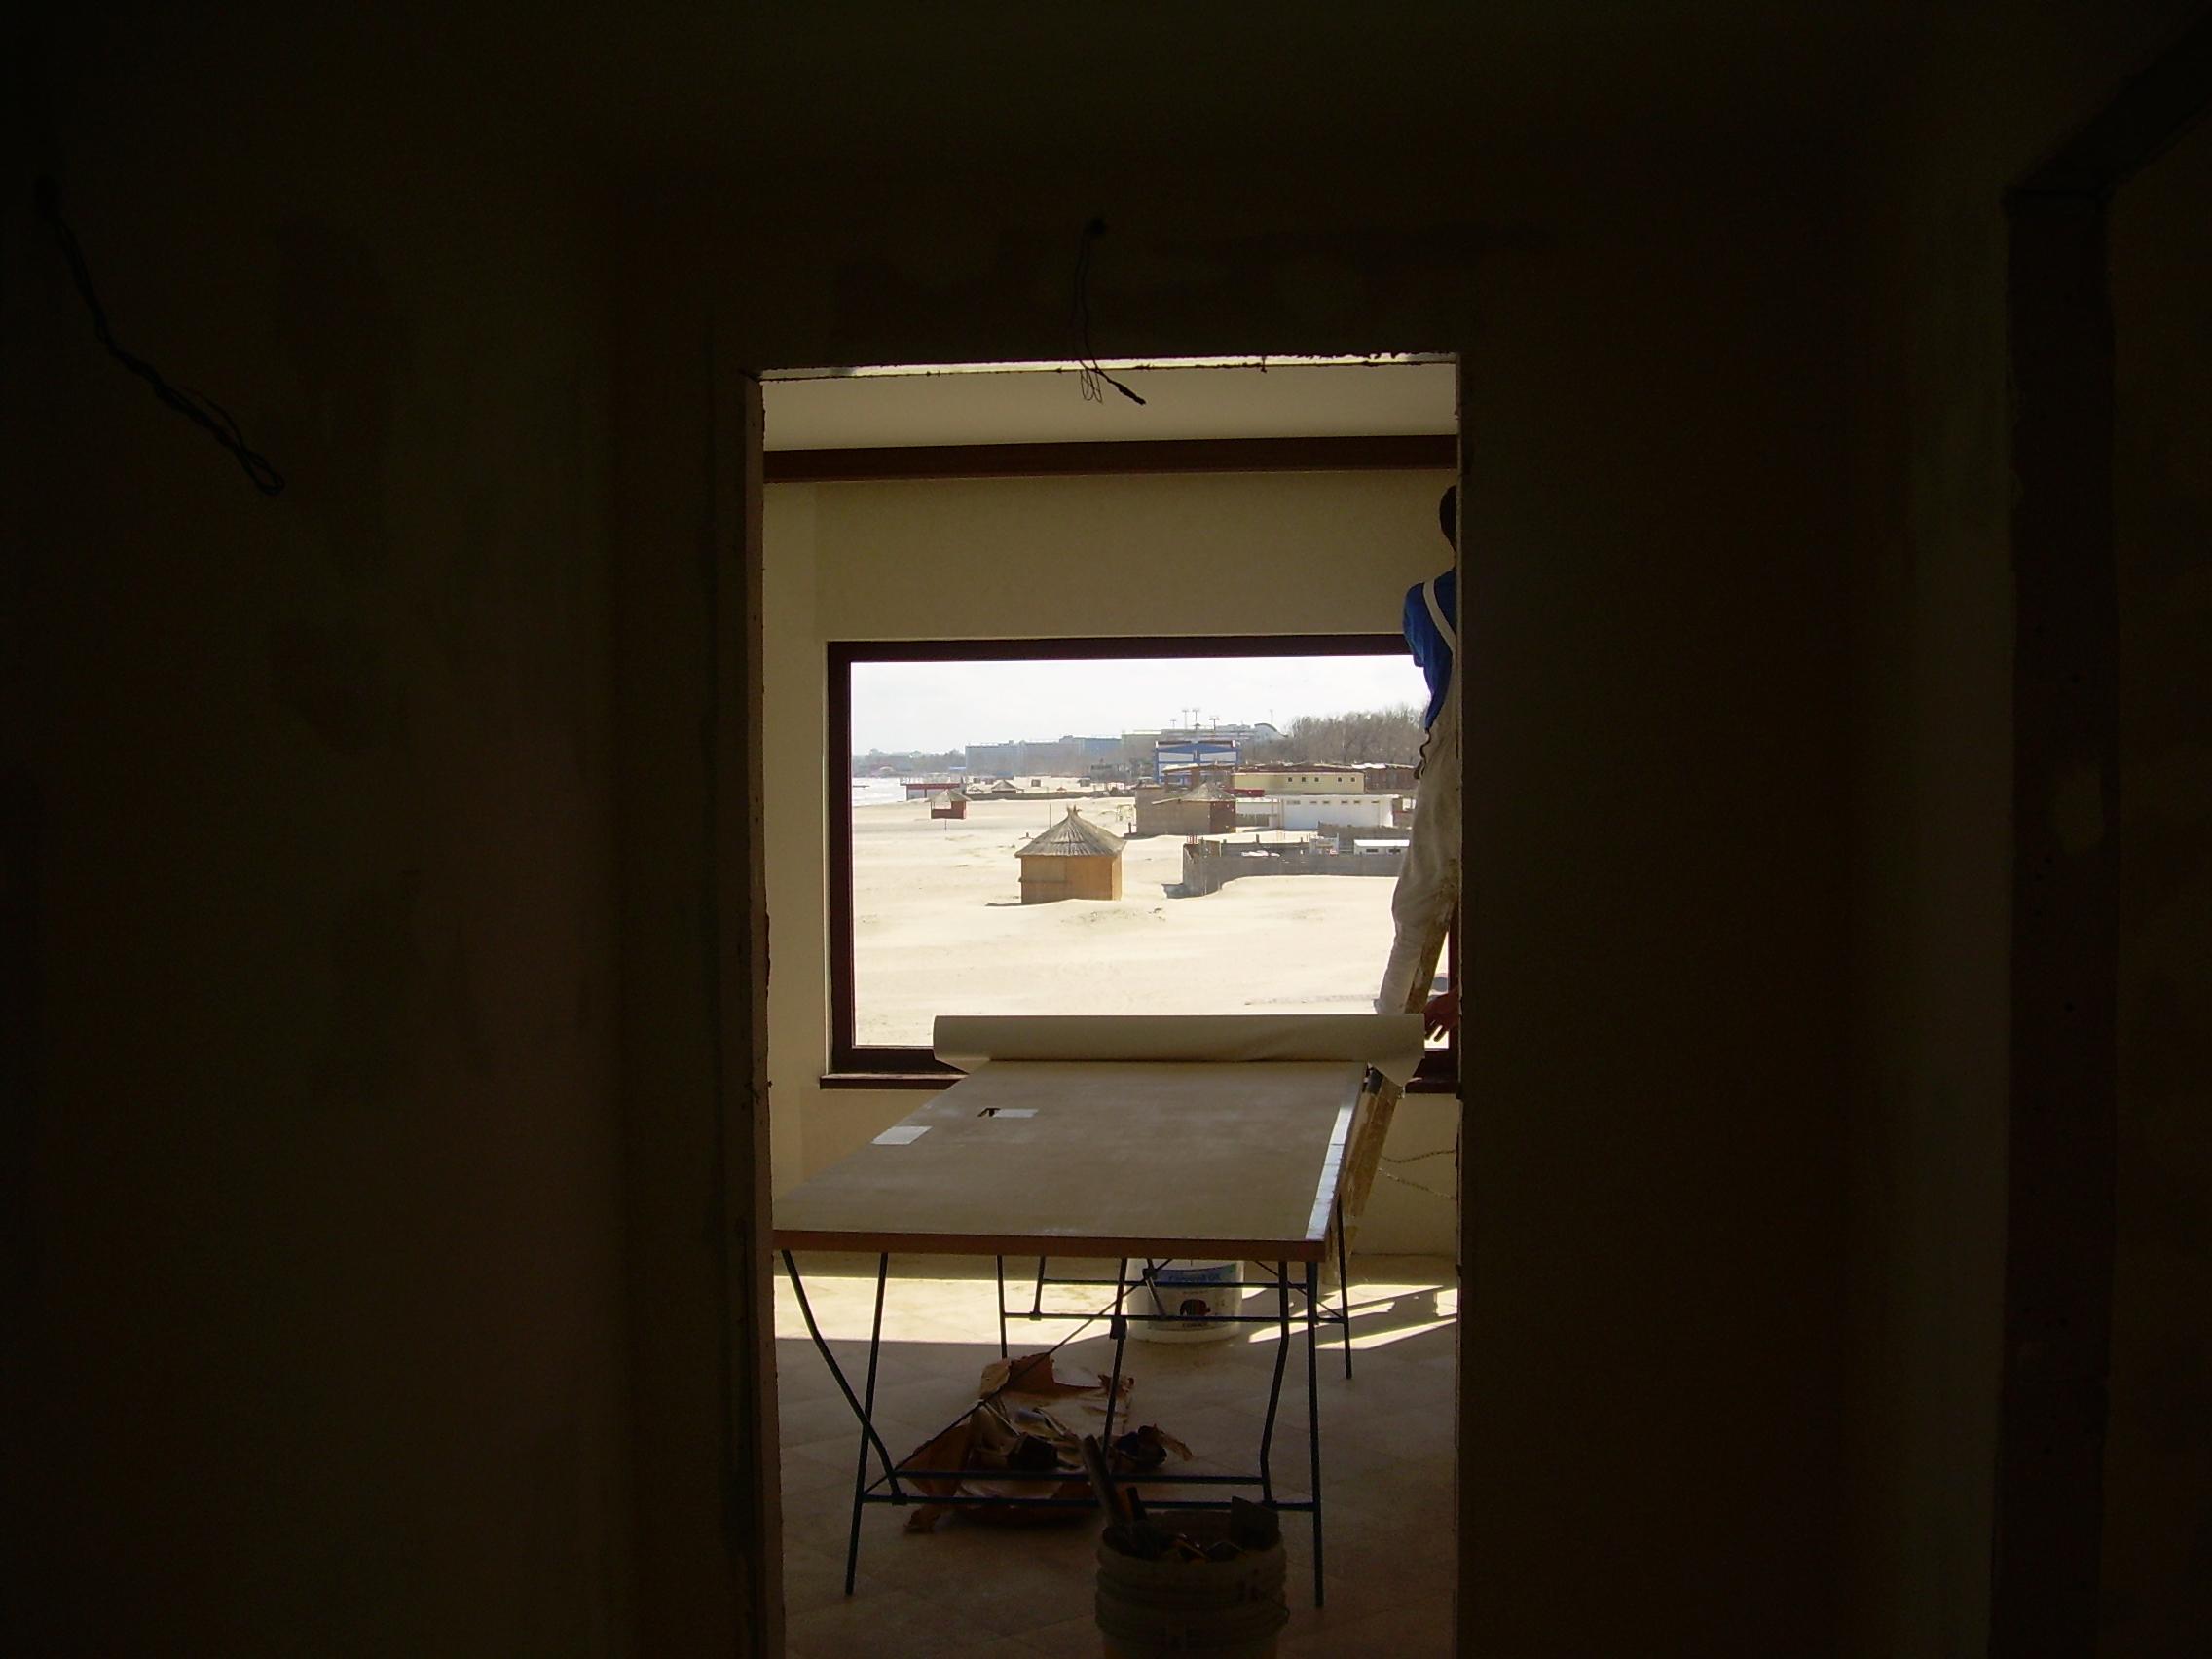 Lucrari de amenajare interioare cu tapet  - Poza 39